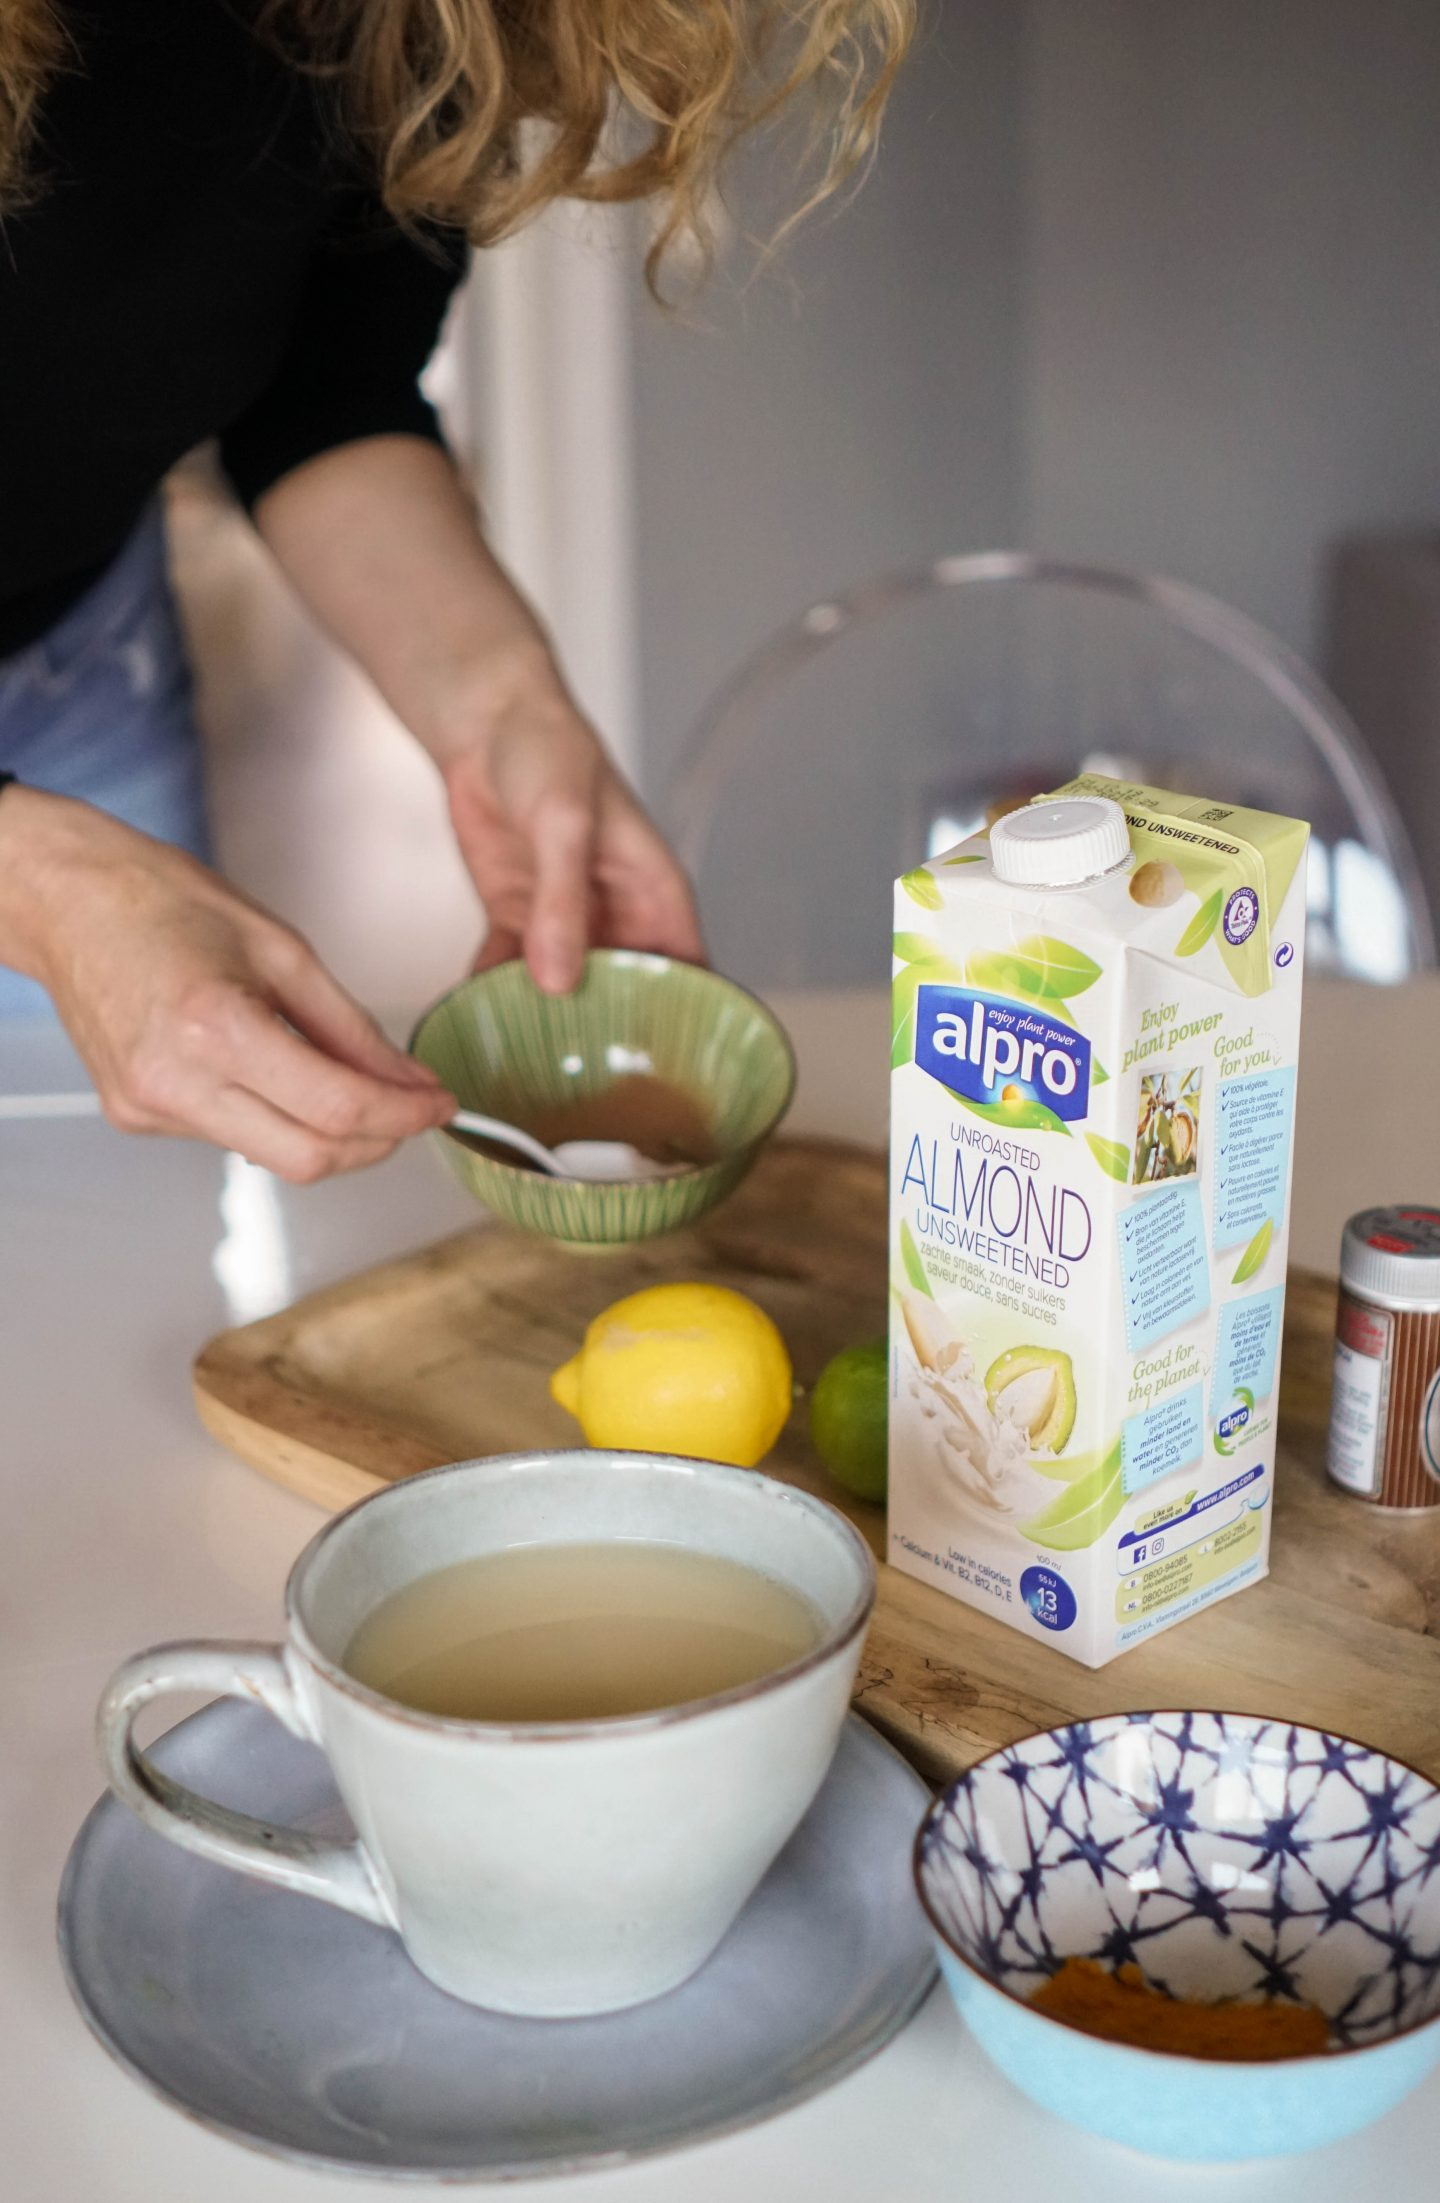 Alpro Mandeldrink ungesüßt-Nowshine Lifestyle Blog-Ernährung-Zuckerbewusstsein